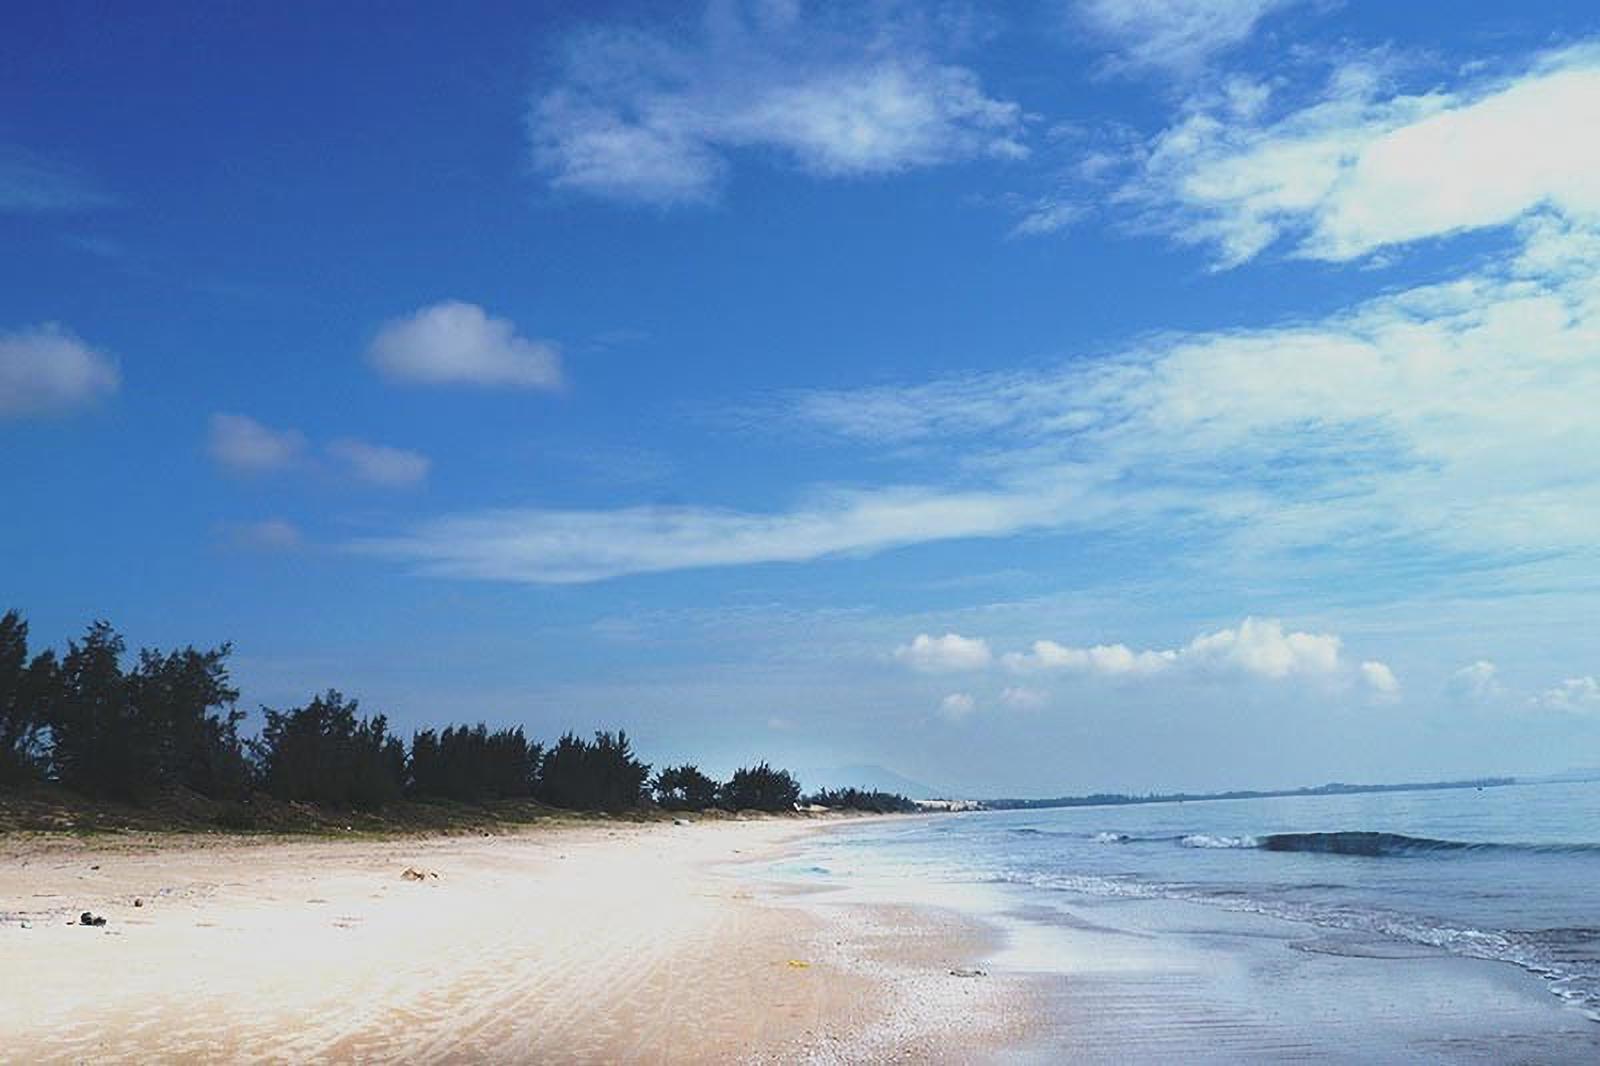 Biển La Gi vẫn còn giữ được vẻ hoang sơ quyến rũ